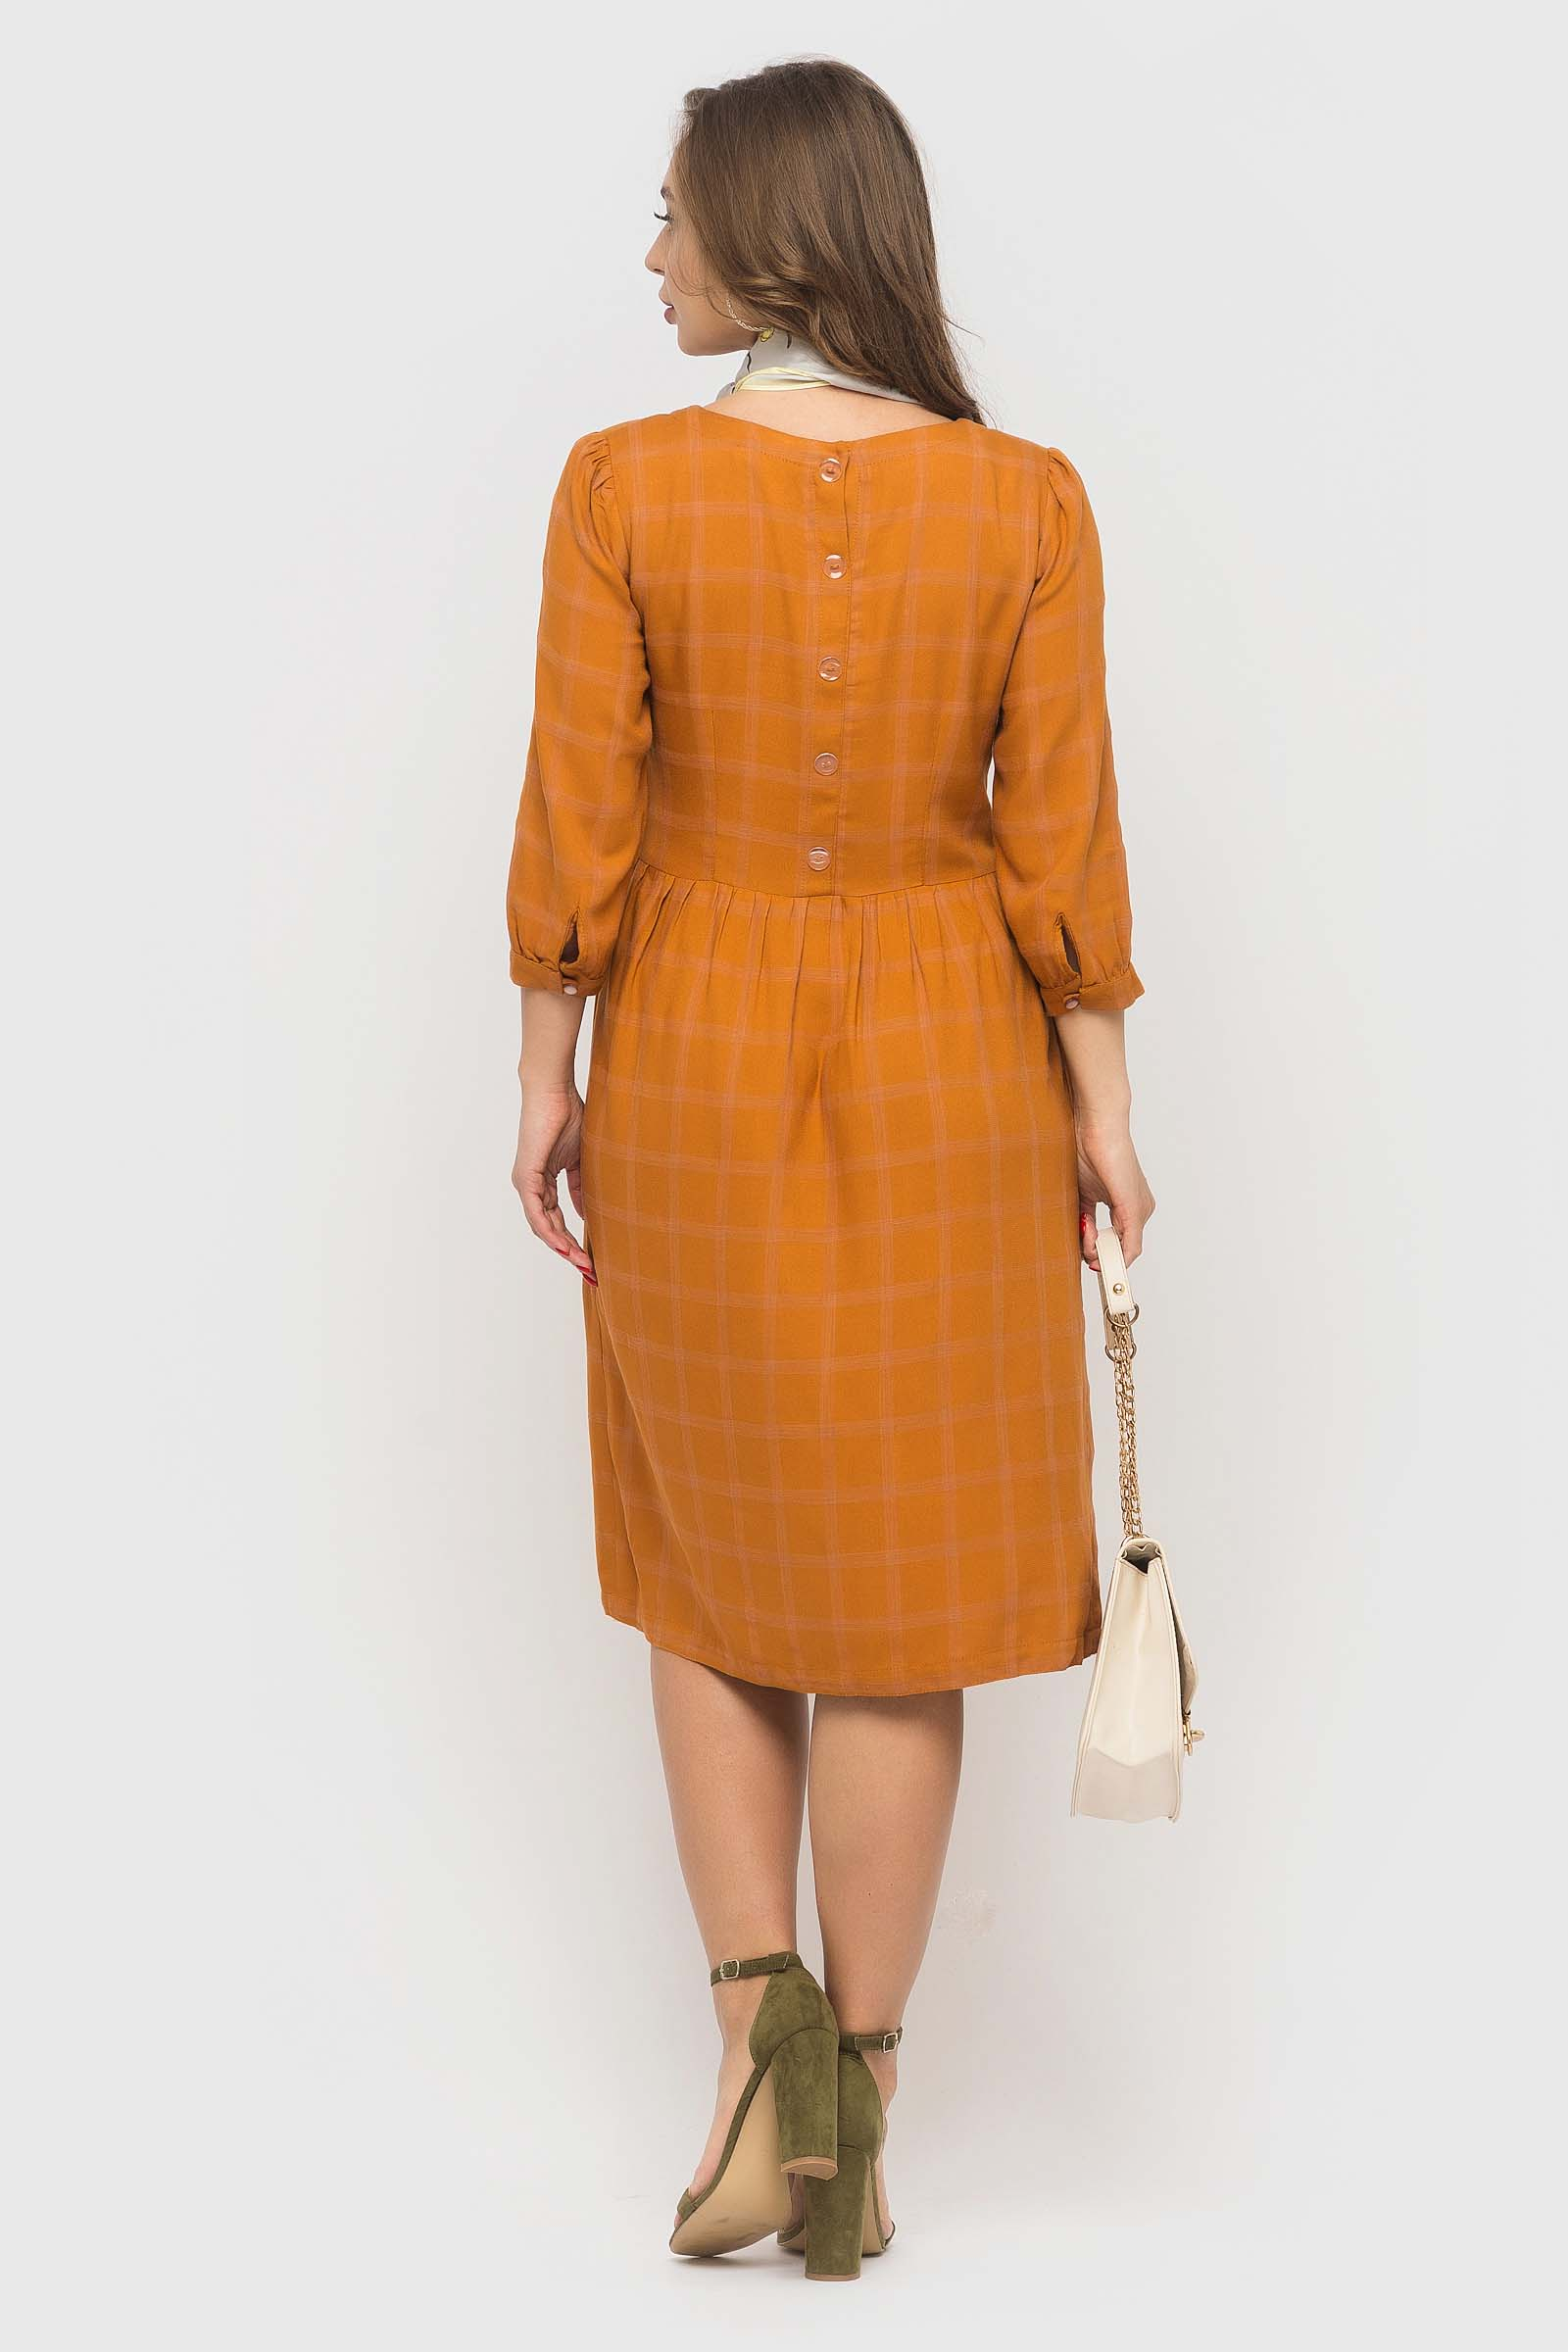 be art 2020 04 07182988 Купить платье